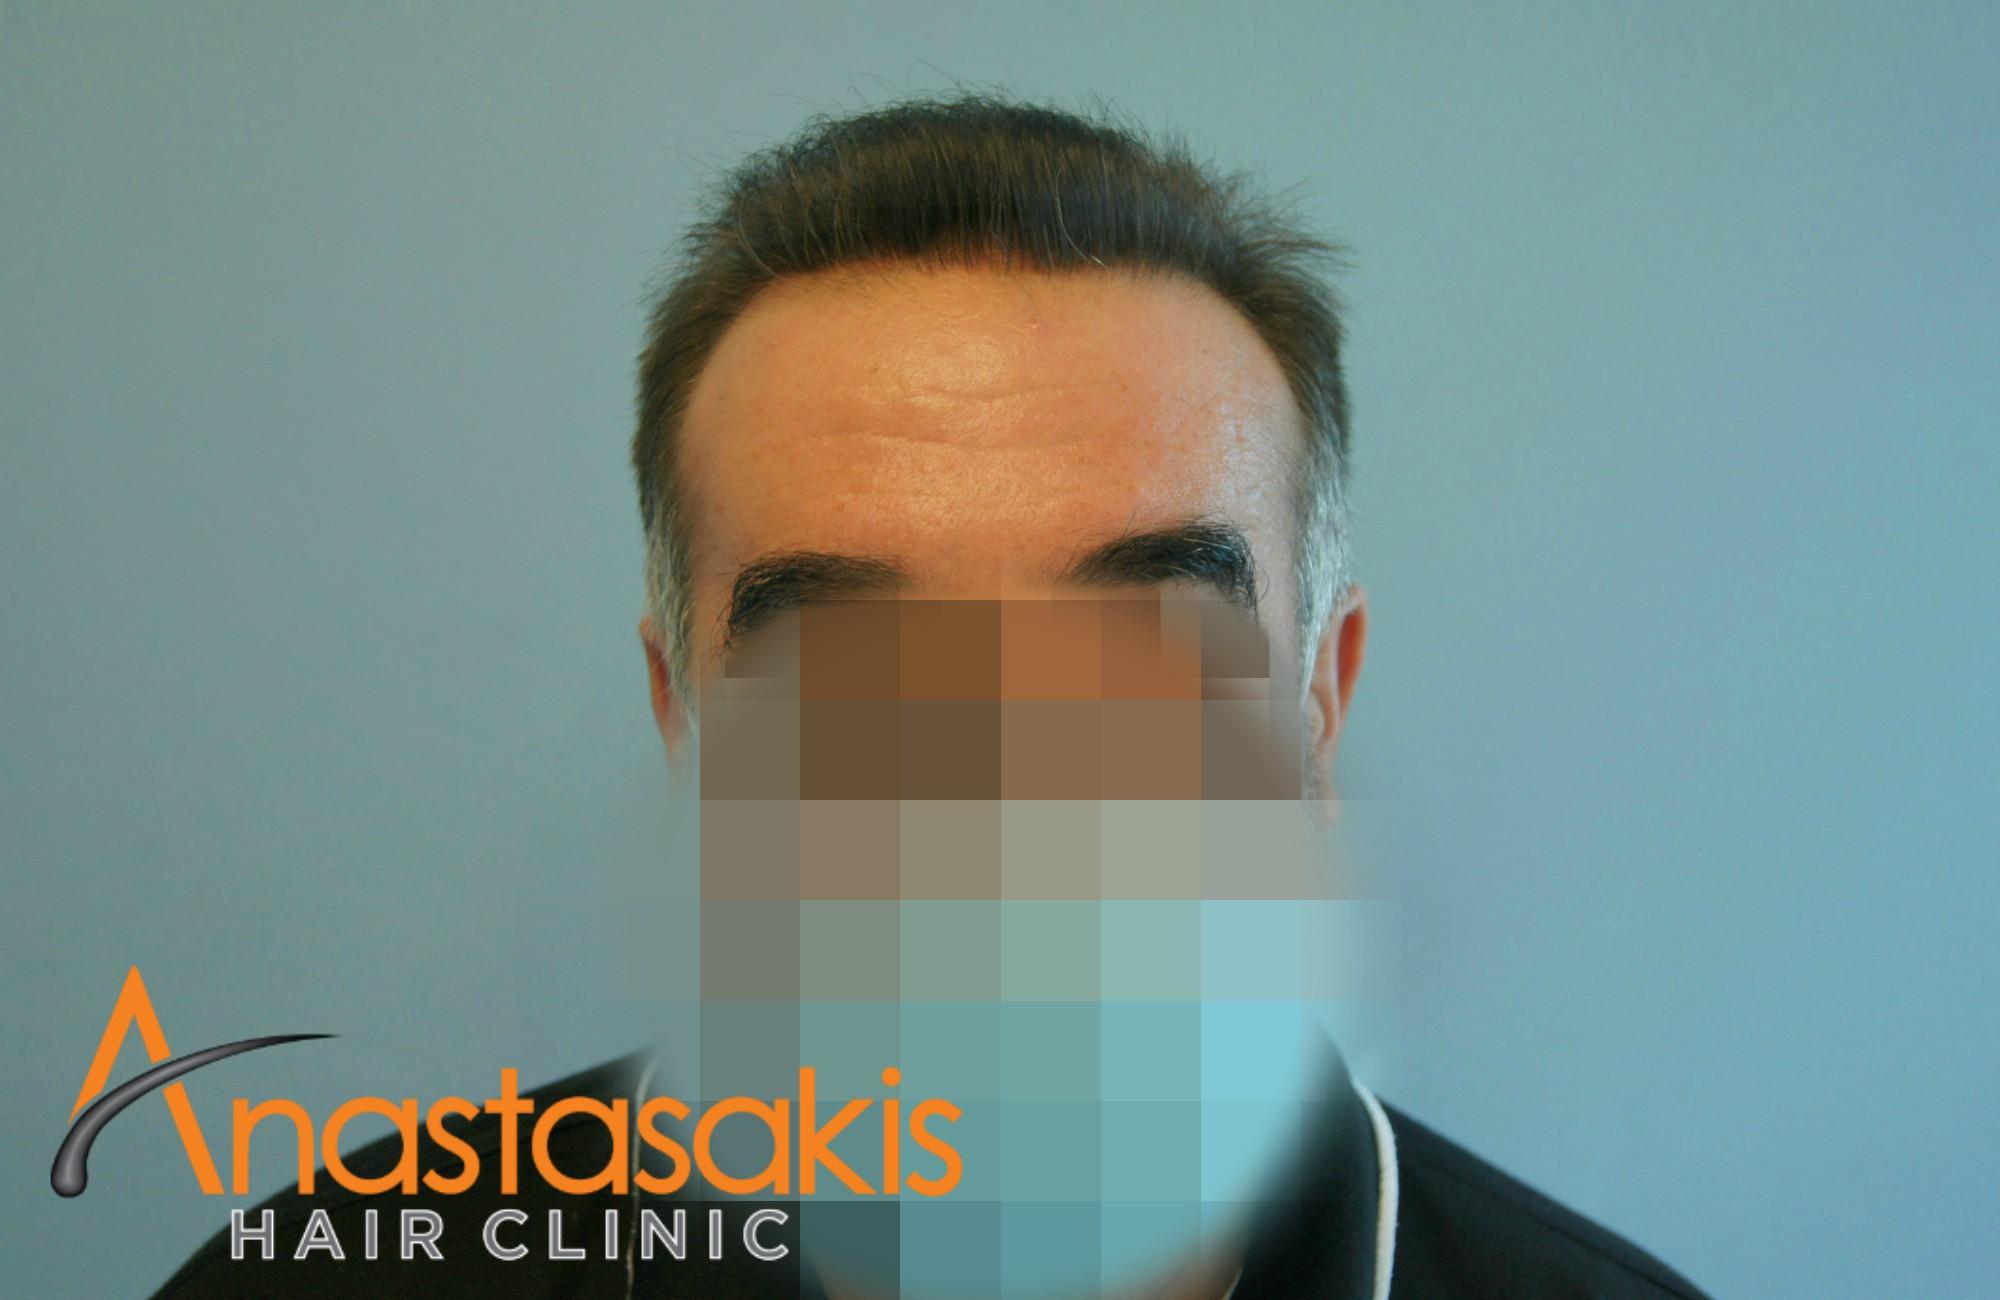 ανφάς ασθενη μετά την επέμβαση μαλλιών με 3110 fus